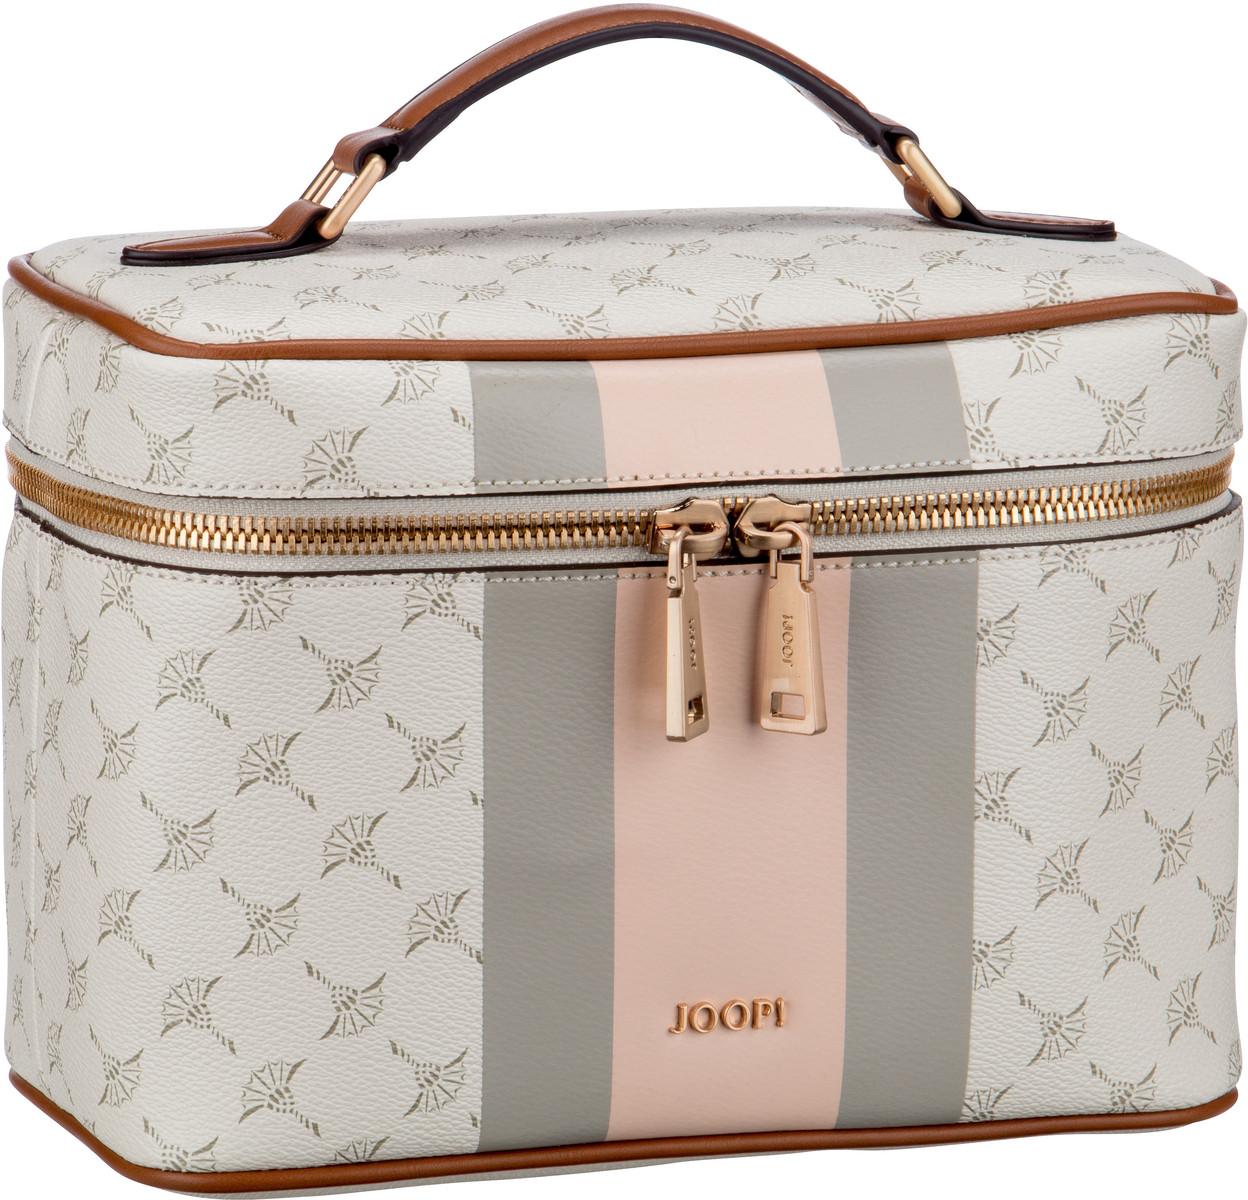 Reisegepaeck für Frauen - Joop Kulturbeutel Beauty Case Cortina Due Flora WashBag MHZ Rose  - Onlineshop Taschenkaufhaus